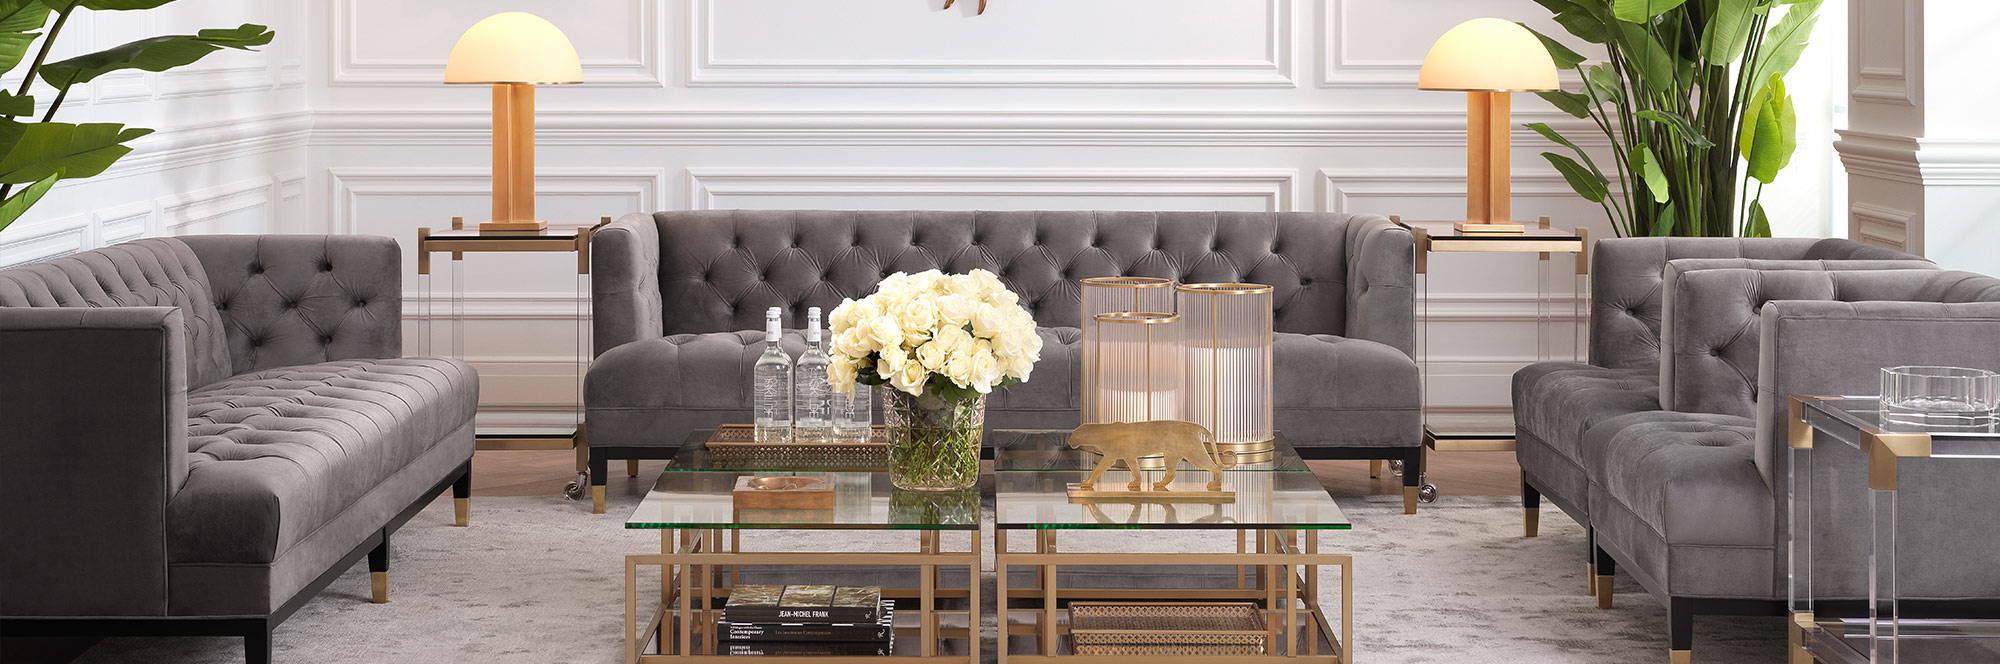 Eichholtz Furniture - Luxury Lounge Design - LuxDeco.com